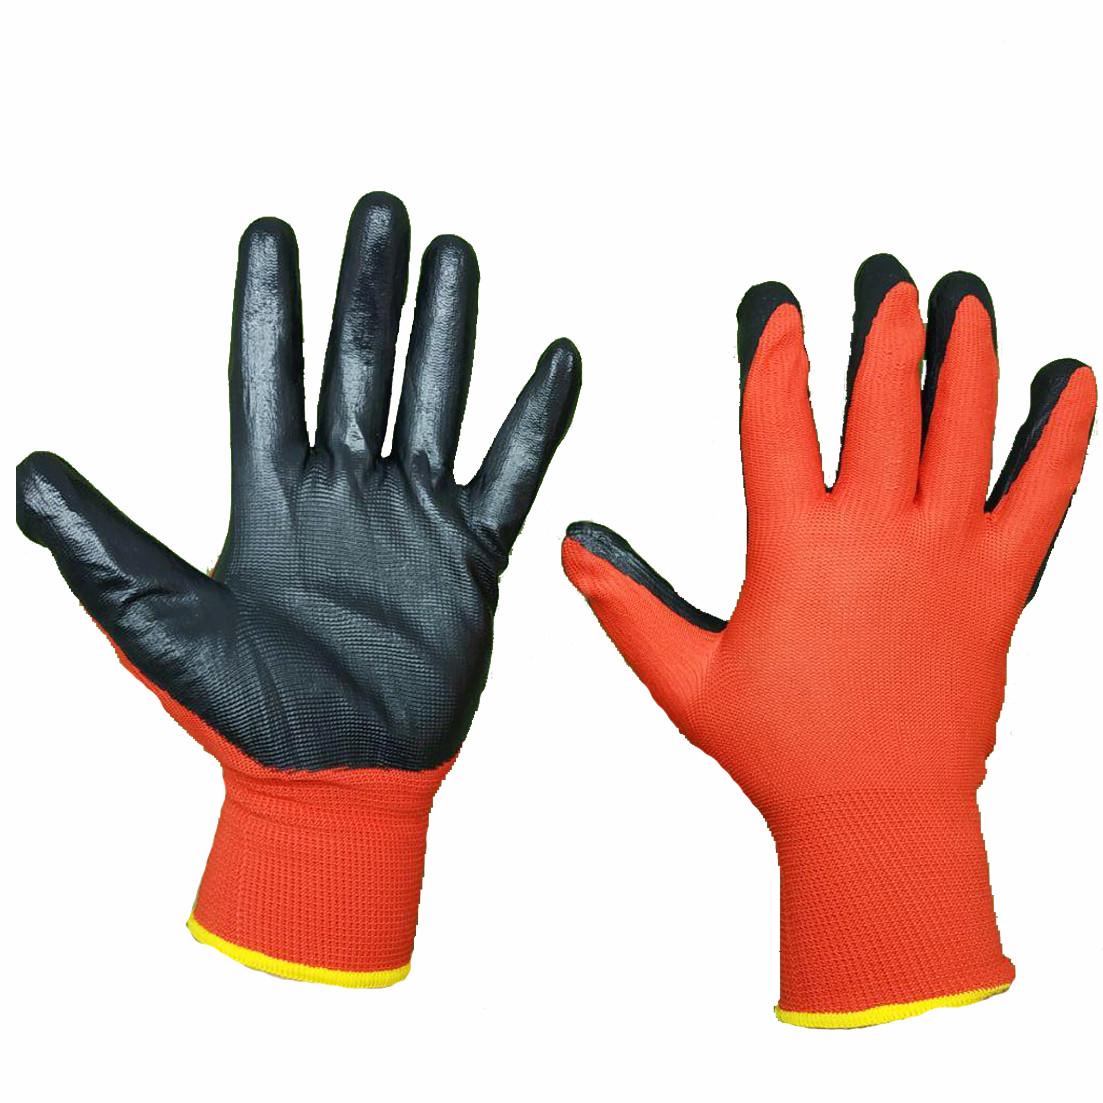 Перчатки нейлоновые с нитриловым покрытием на ладони, упаковка — 12 пар